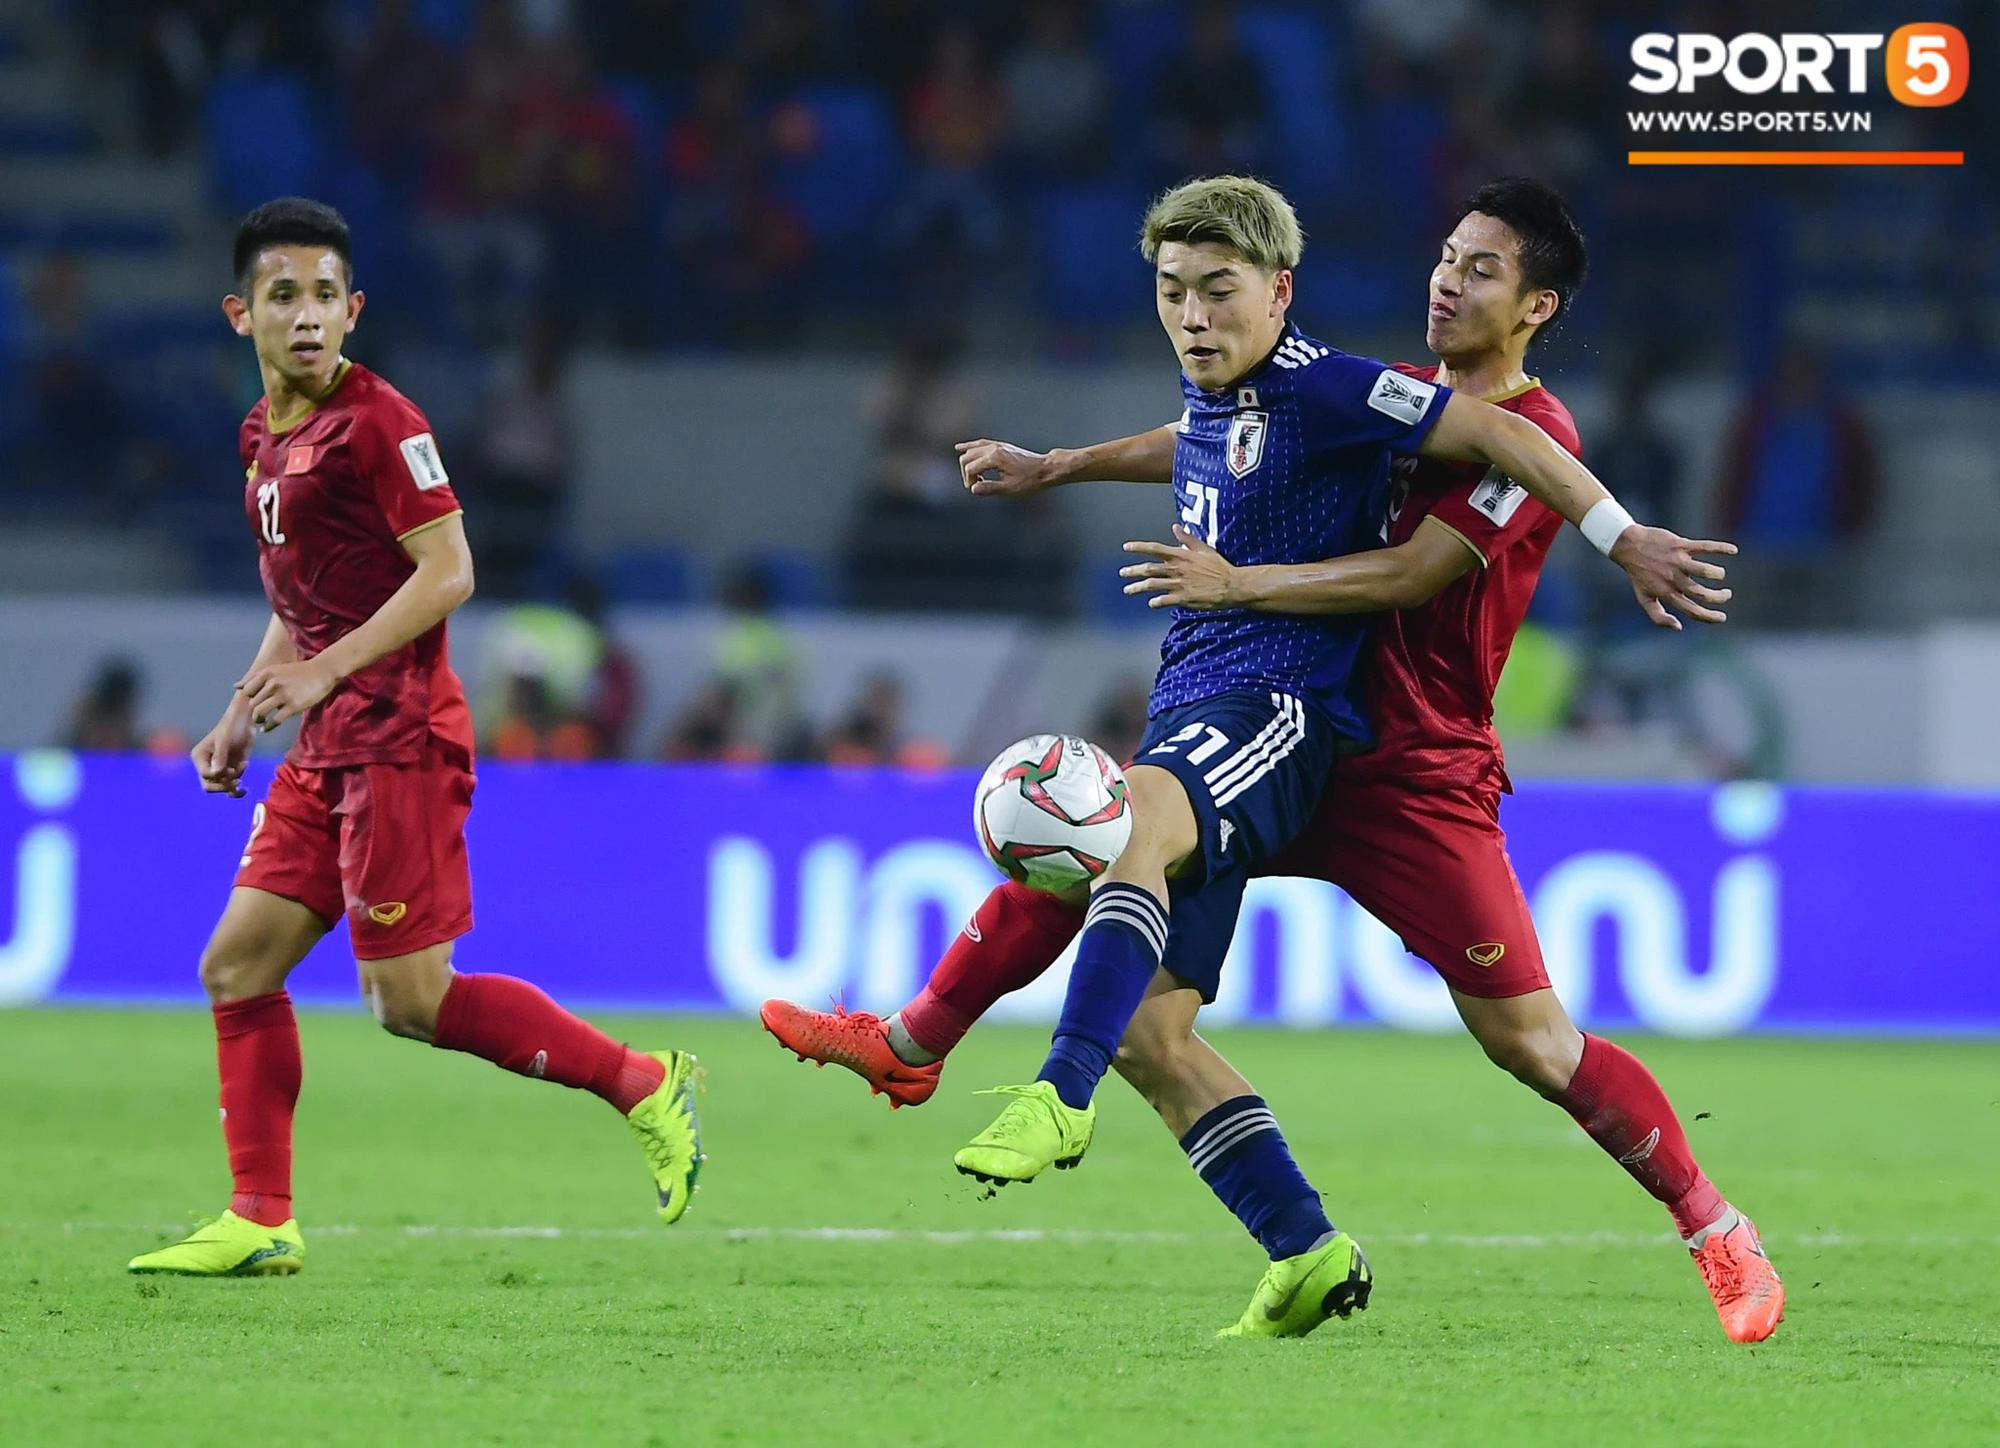 Tổng quan về 4 đội bóng mạnh nhất có thể nằm chung bảng với đội tuyển Việt Nam tại vòng loại thứ 3 World Cup 2022 - Ảnh 2.